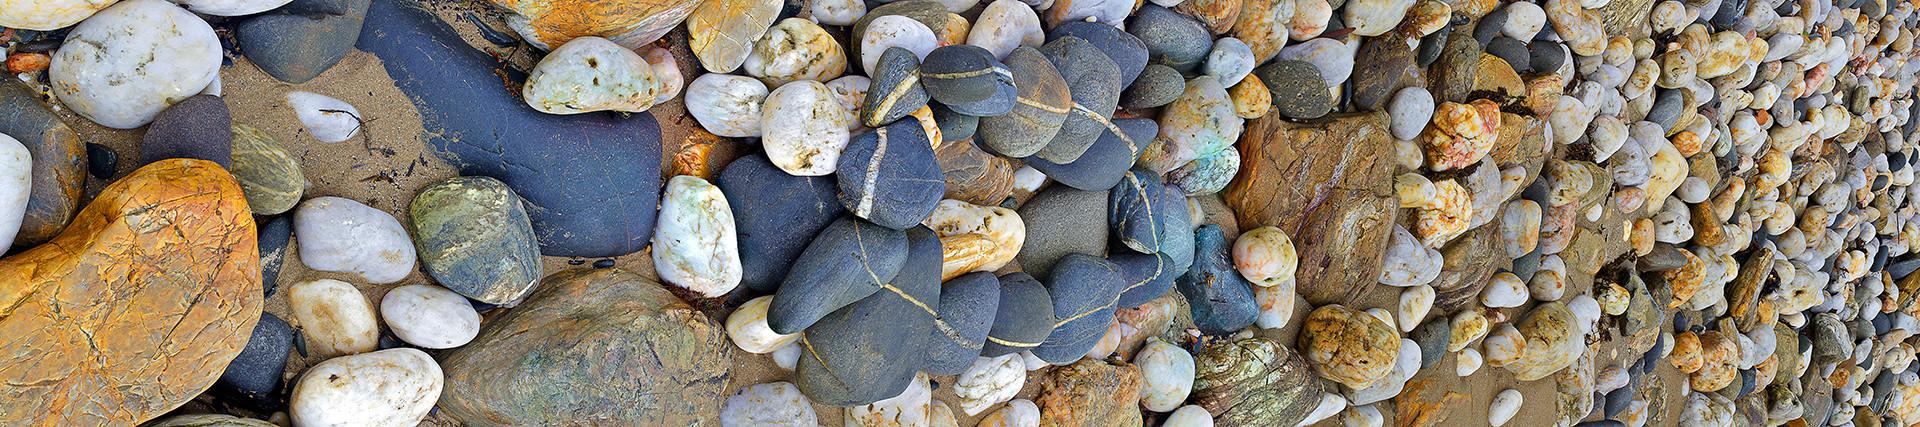 Circle rocks